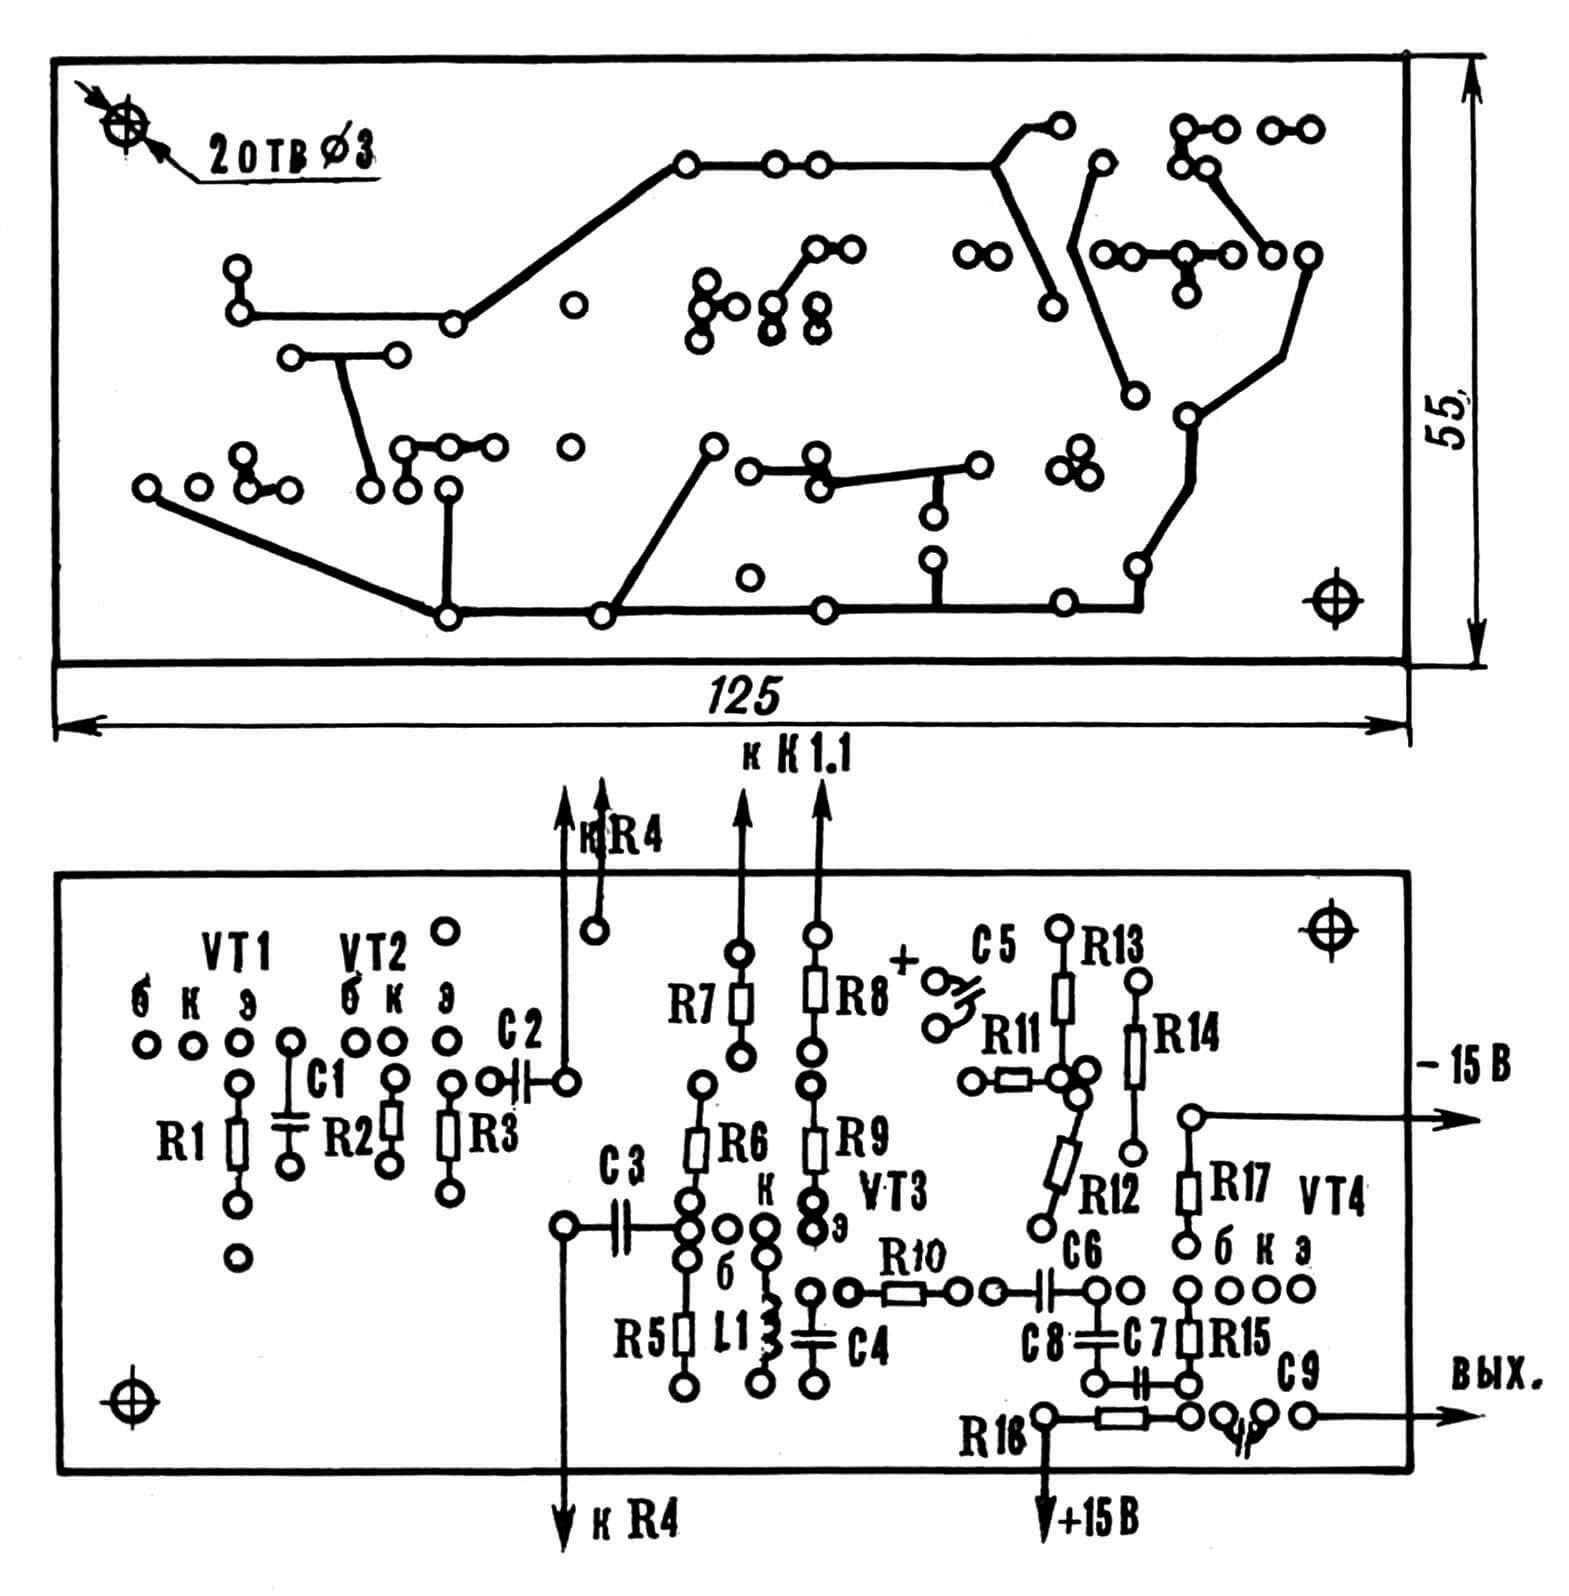 Рис. 8. Печатная плата генератора шума и усилителя-модулятора со схемой расположения элементов.